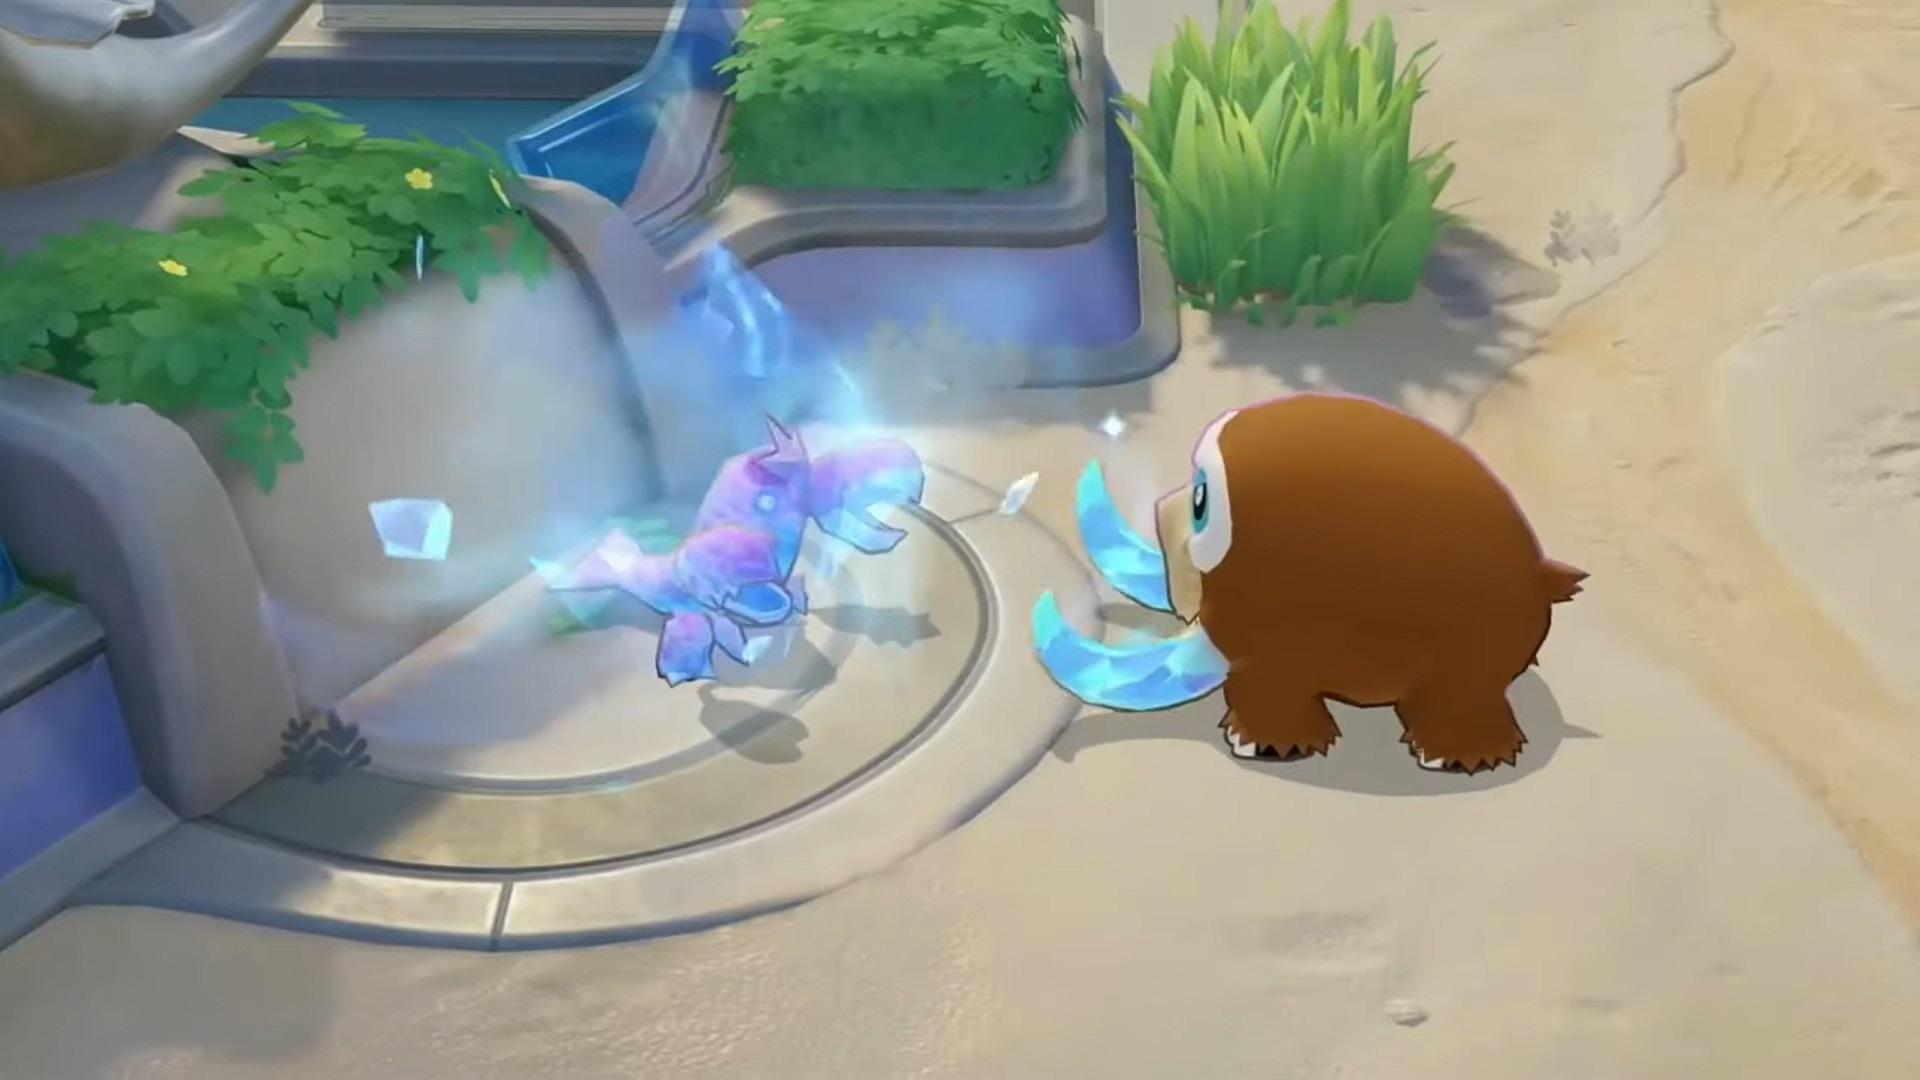 Pokémon Unite Mamoswine – date de sortie, build et objets